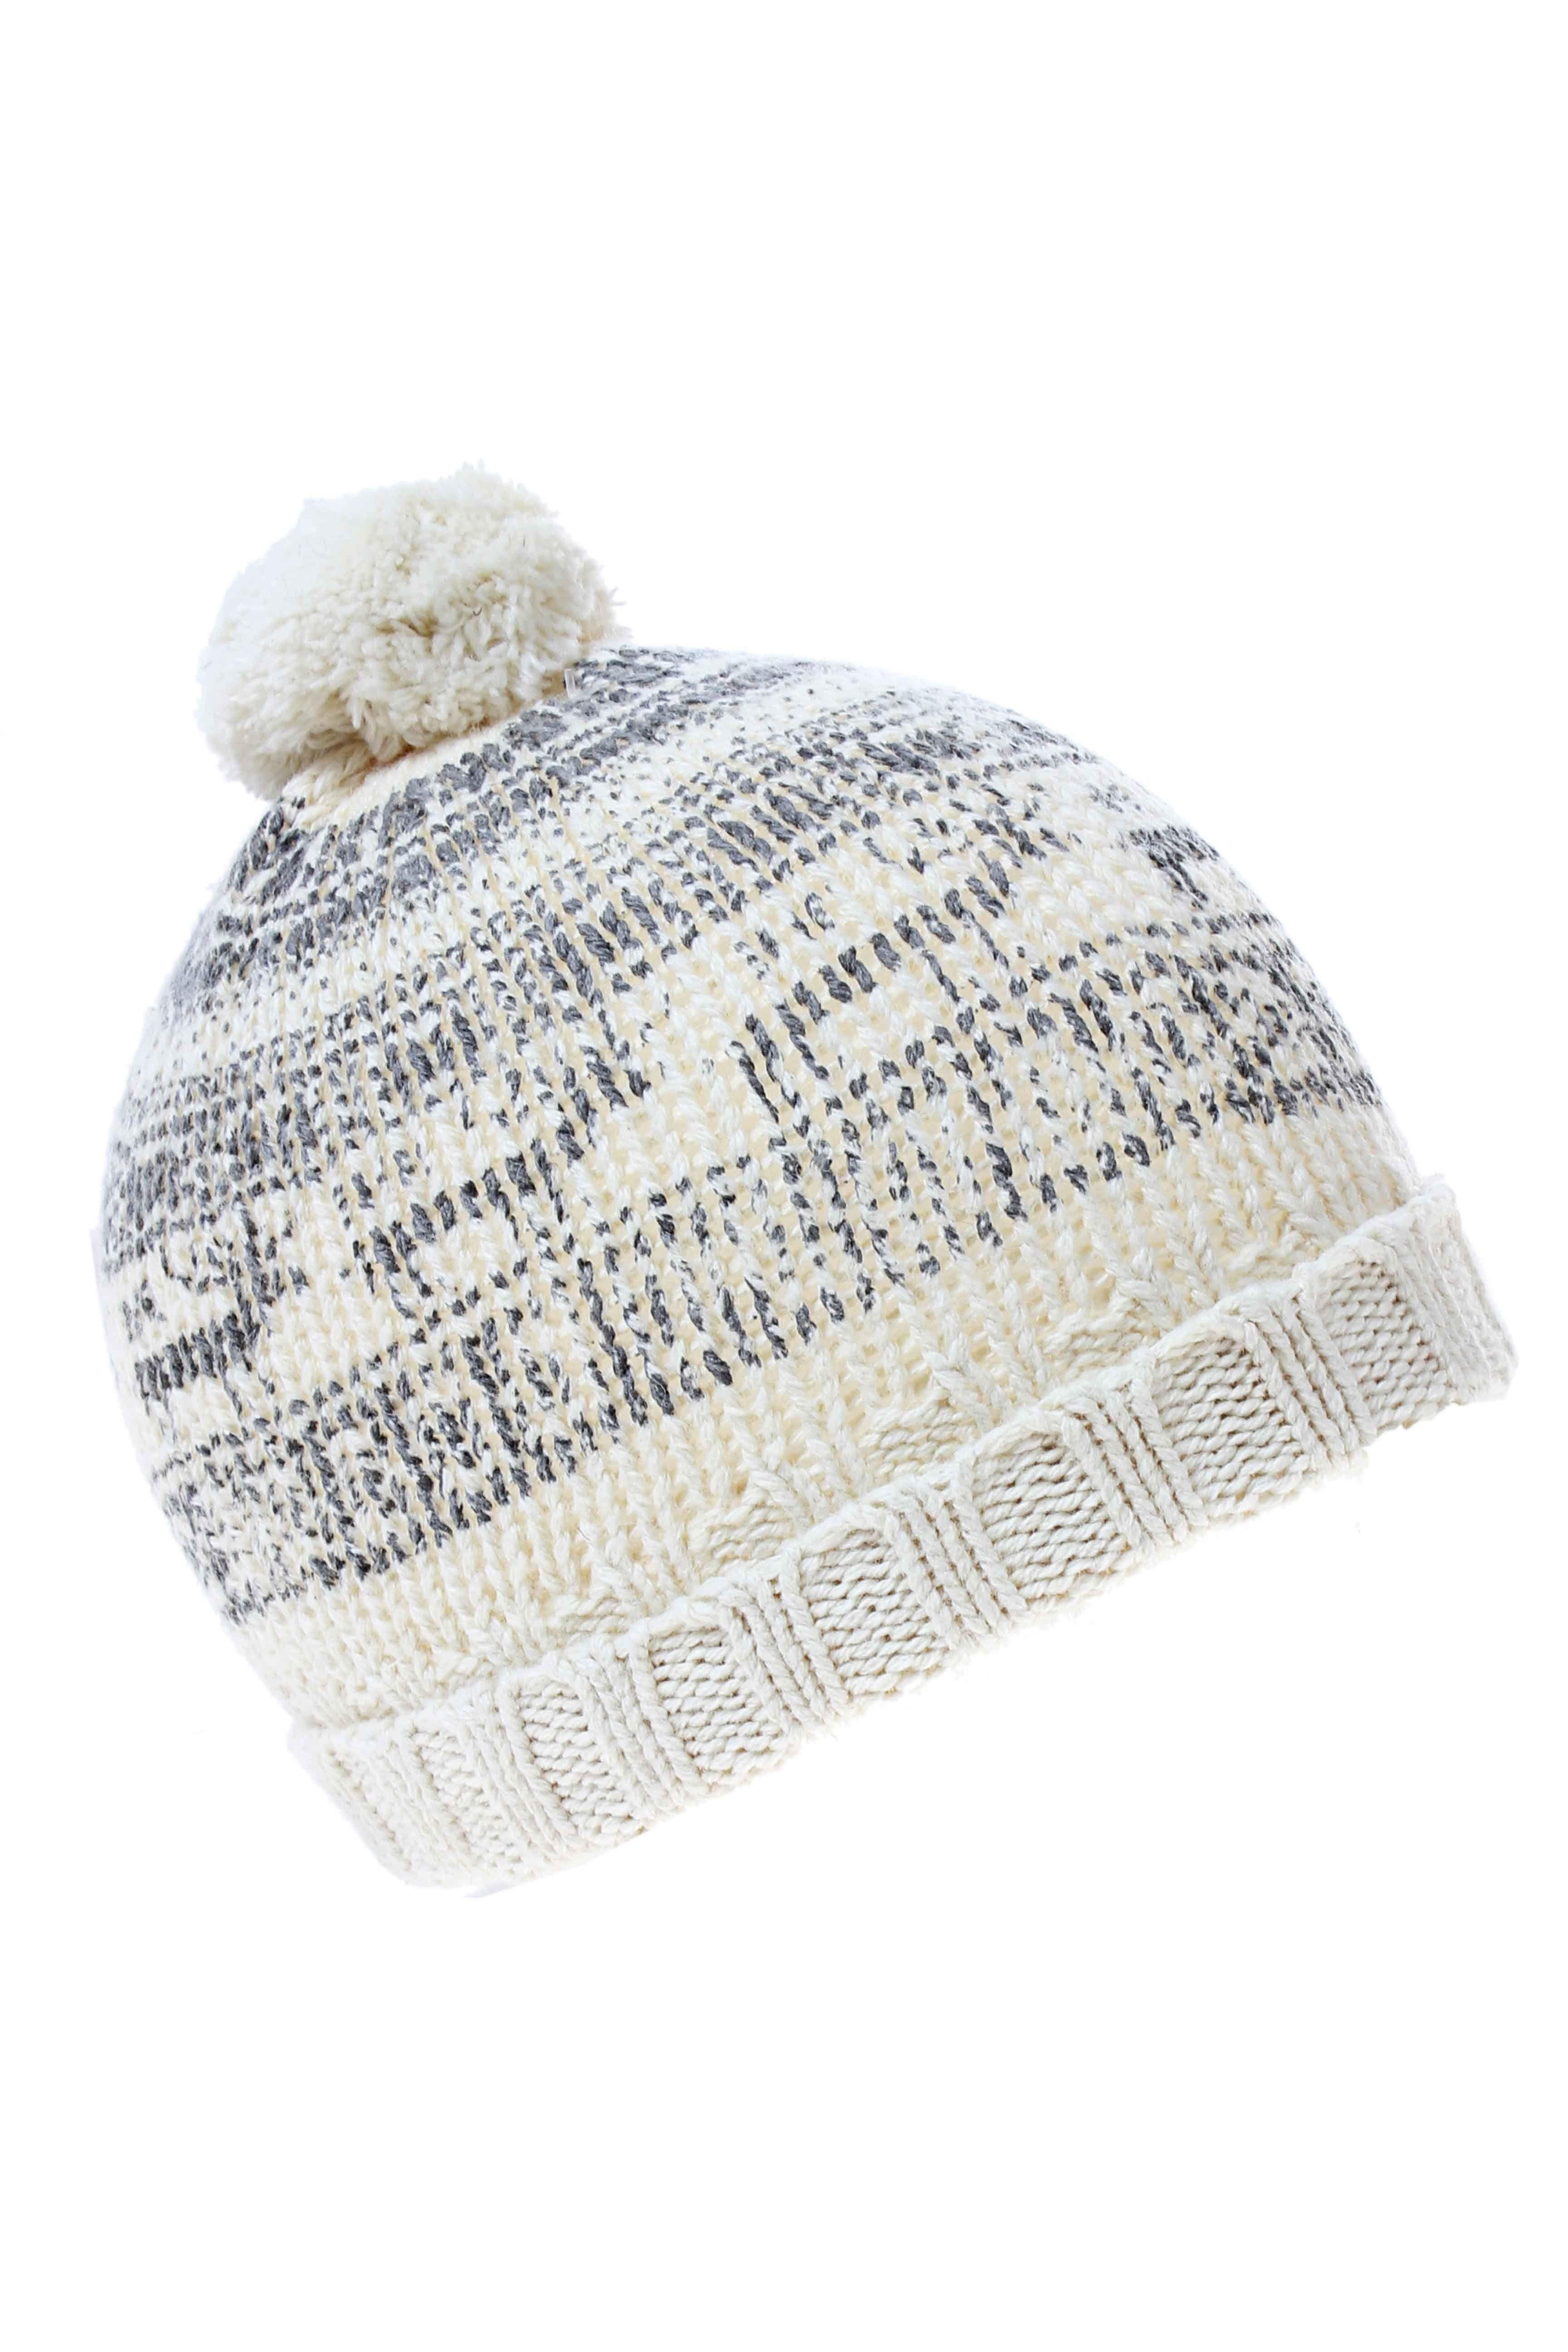 Accessoires Chapeaux Bonnets IKKS - couleur BEIGE - matiere Coton Laine ce563f0d36a